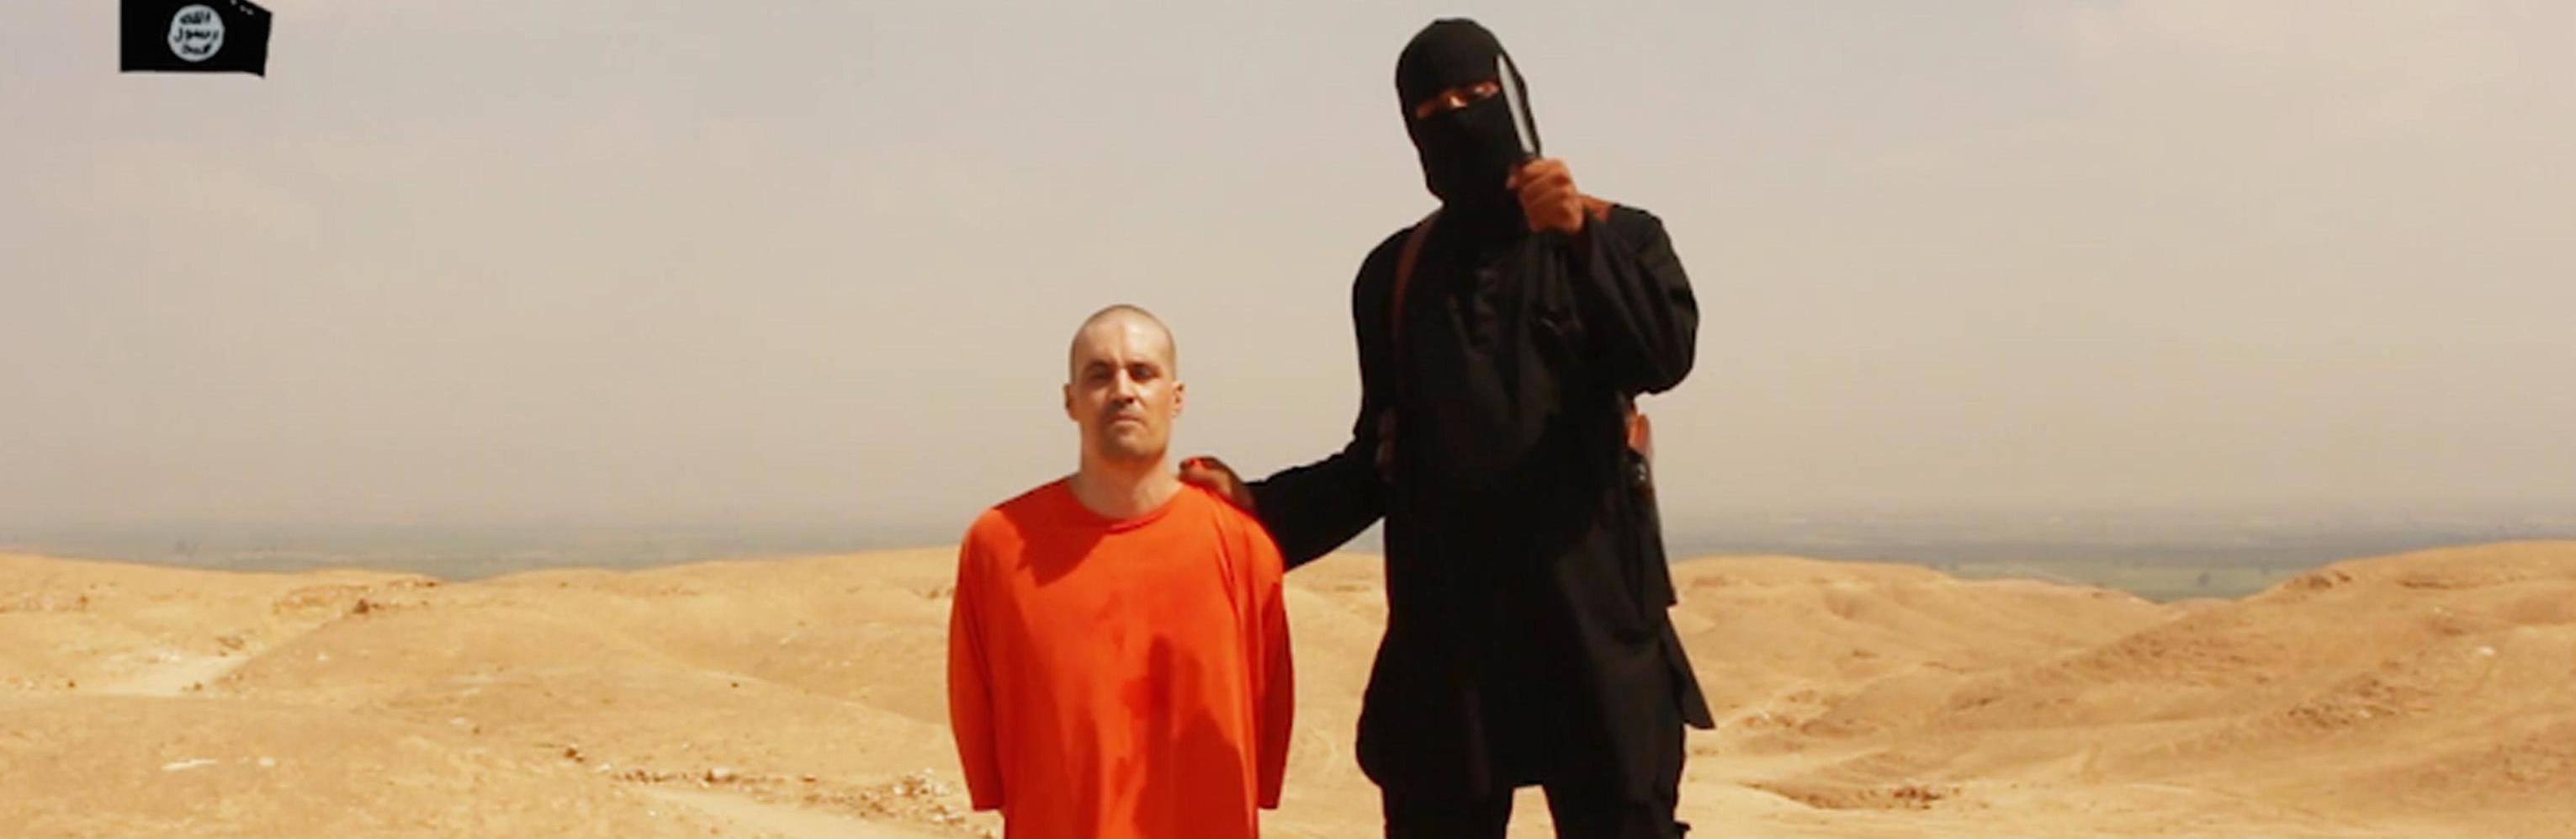 Una decapitazionedell'Isis